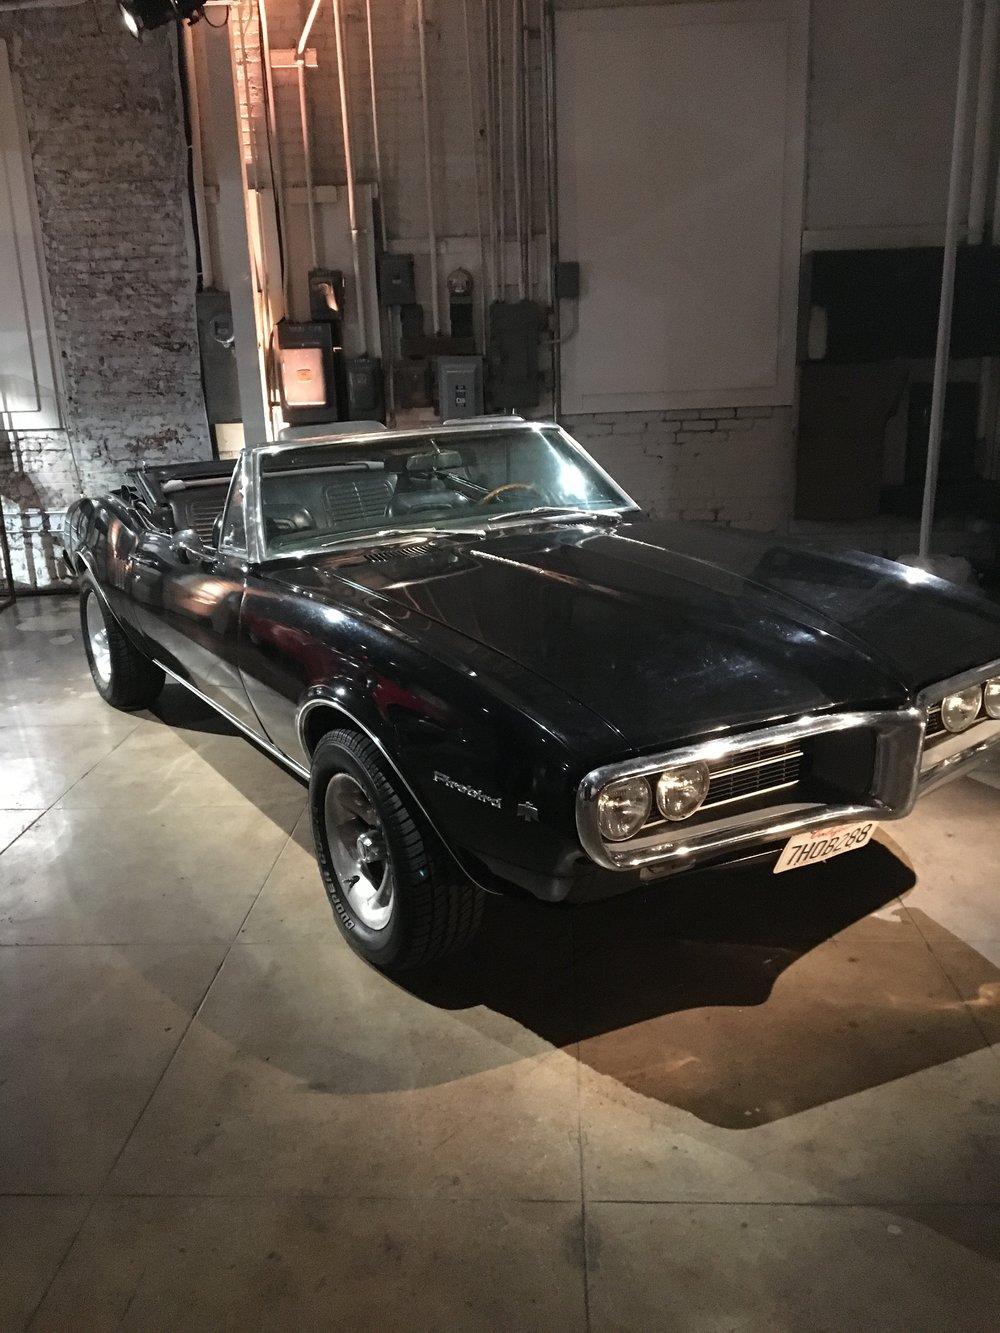 1967 Pontiac Firebird - $449/day